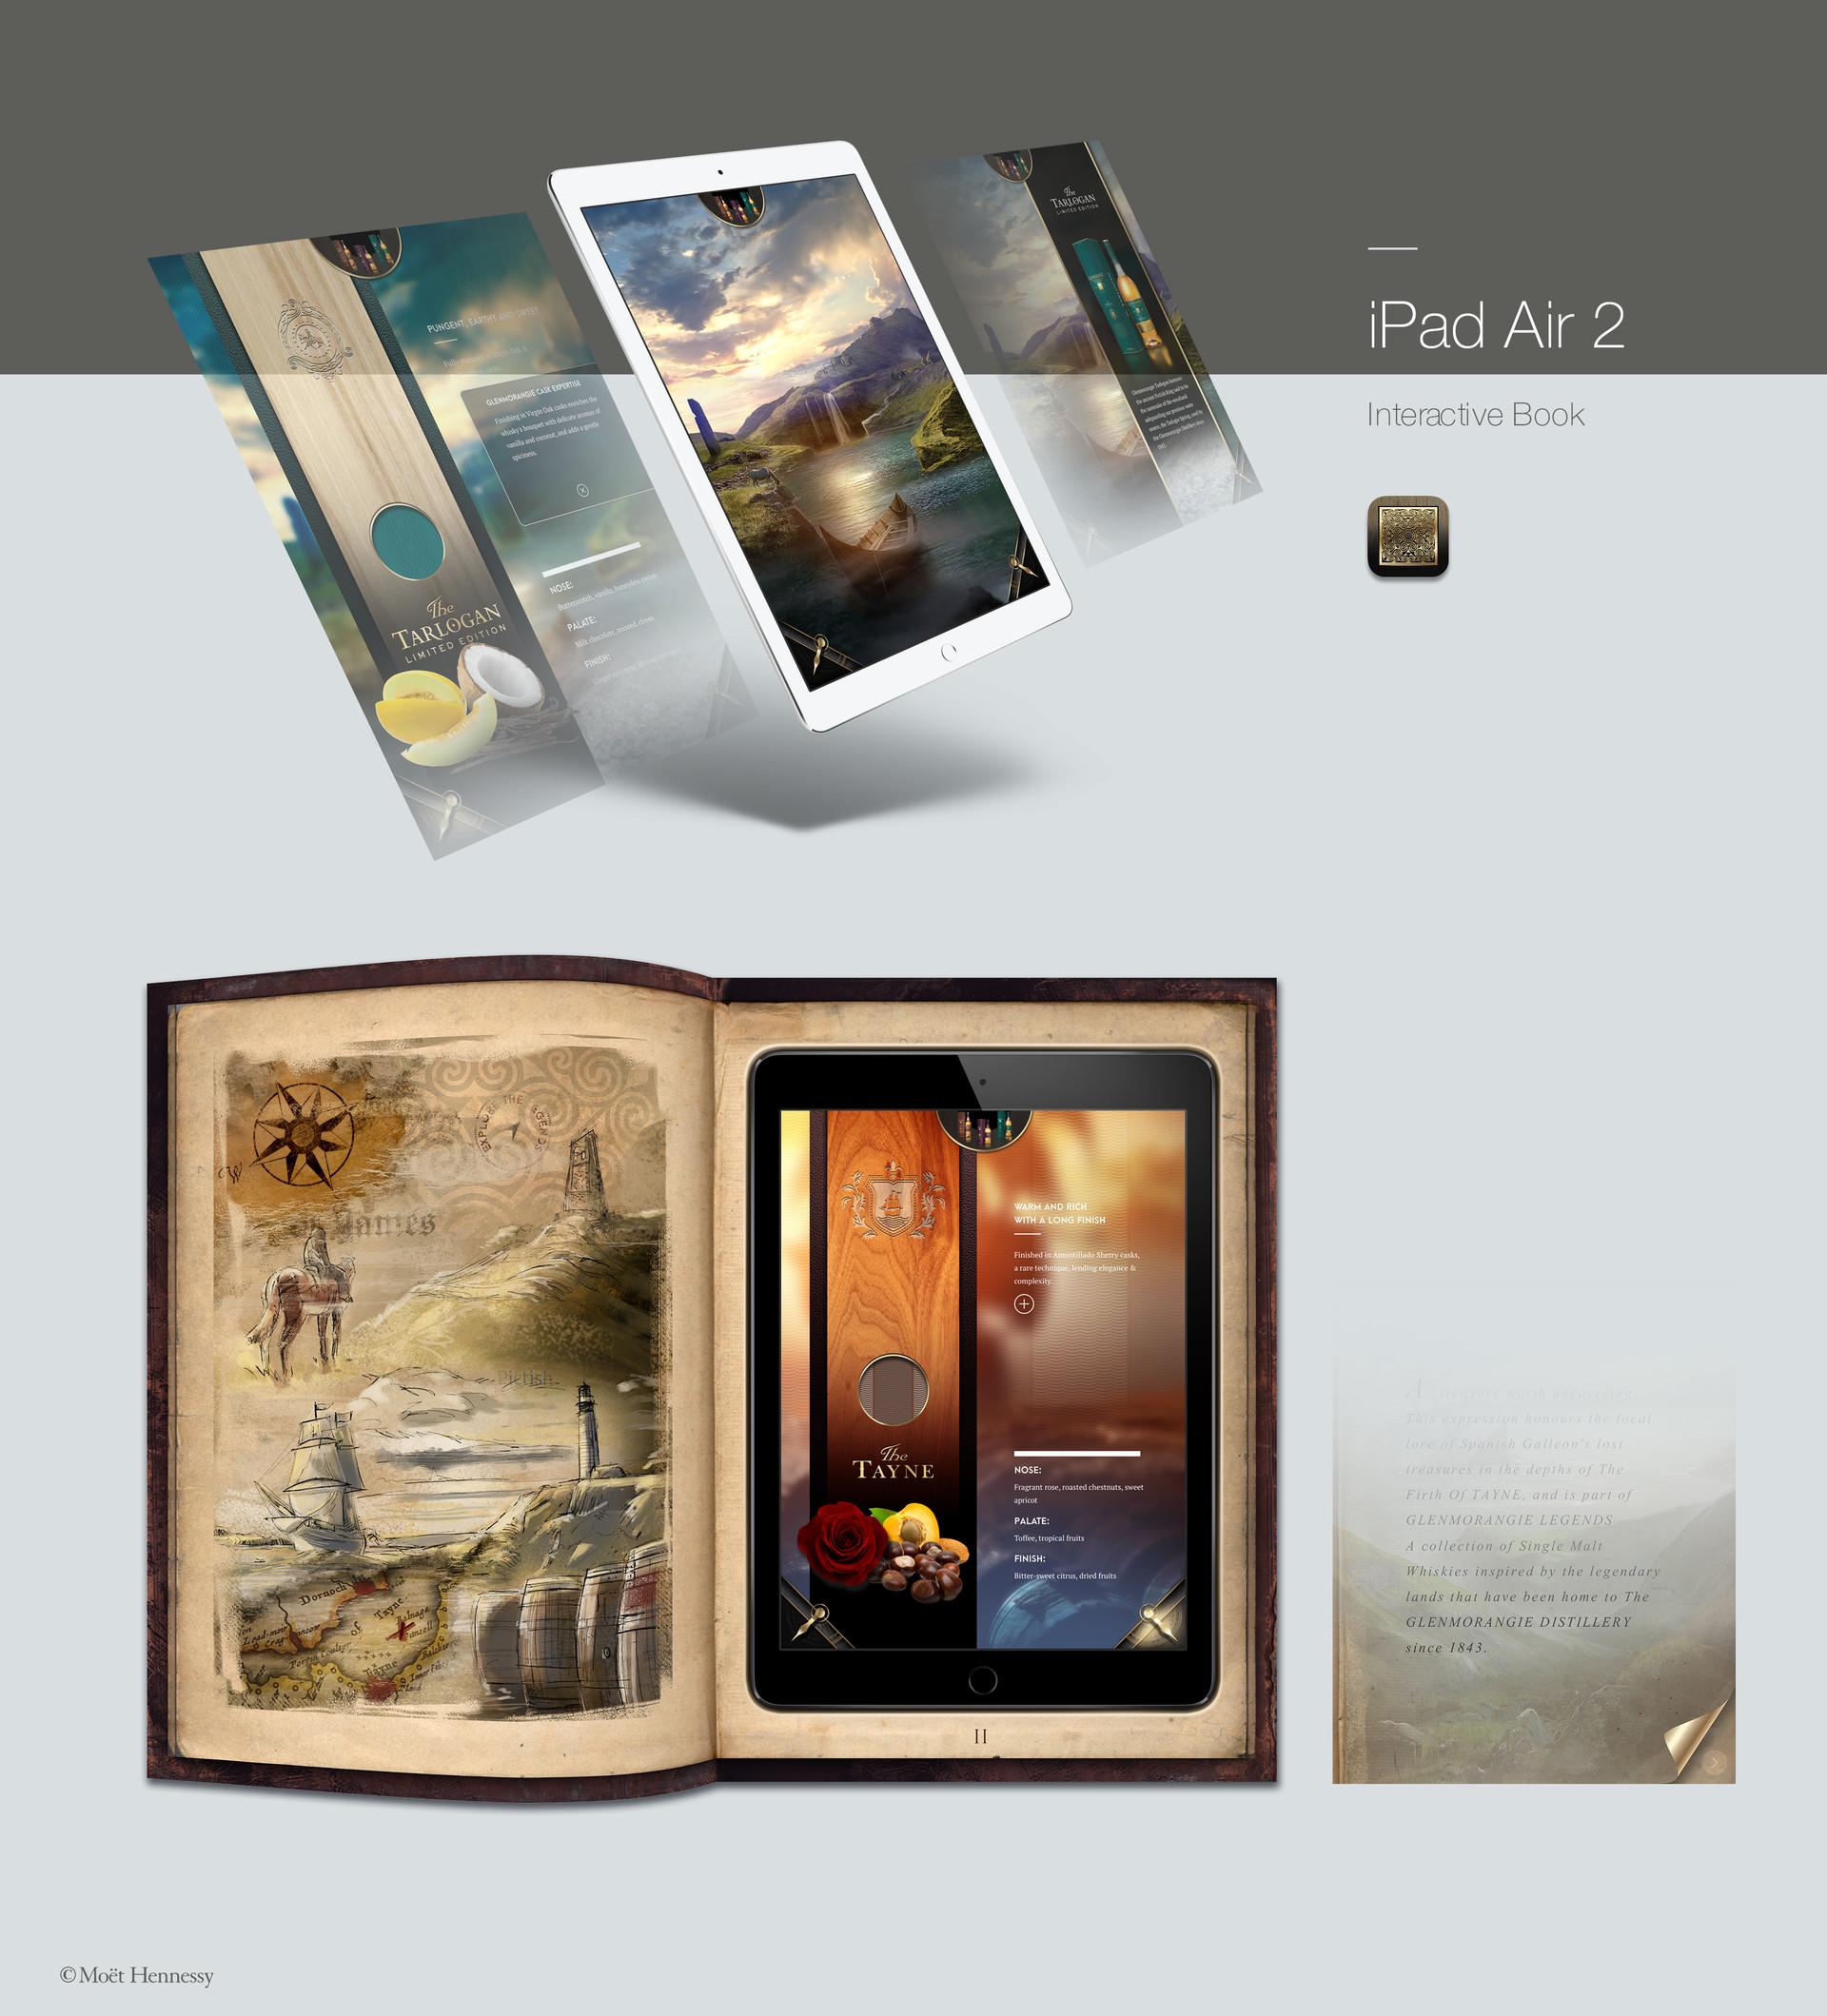 iPad in a book